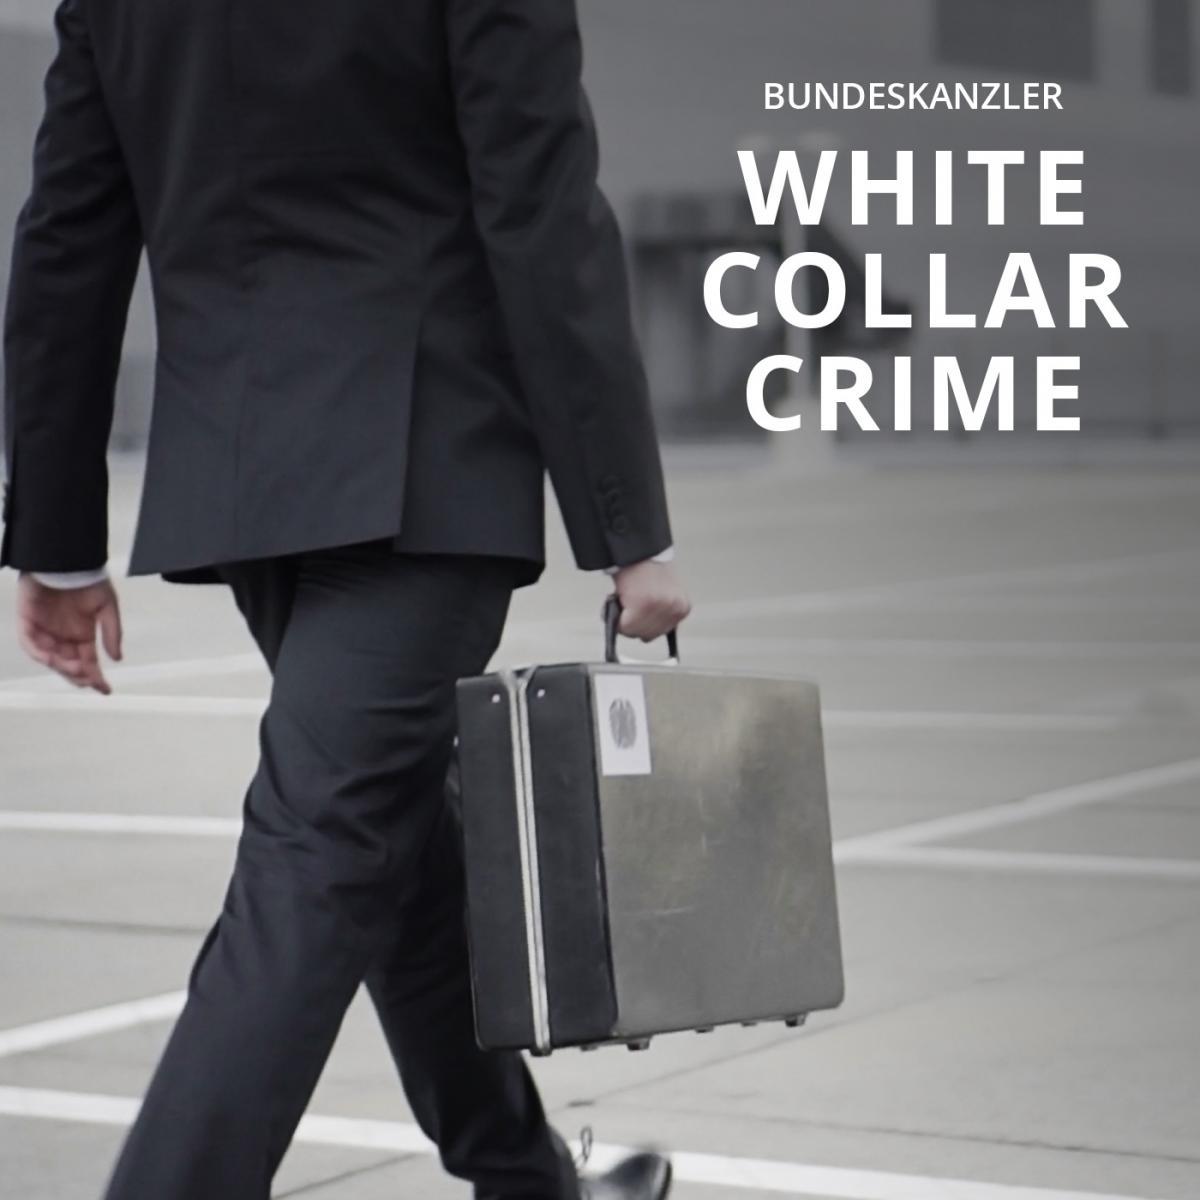 Upcoming: Bundeskanzler - White Collar Crime